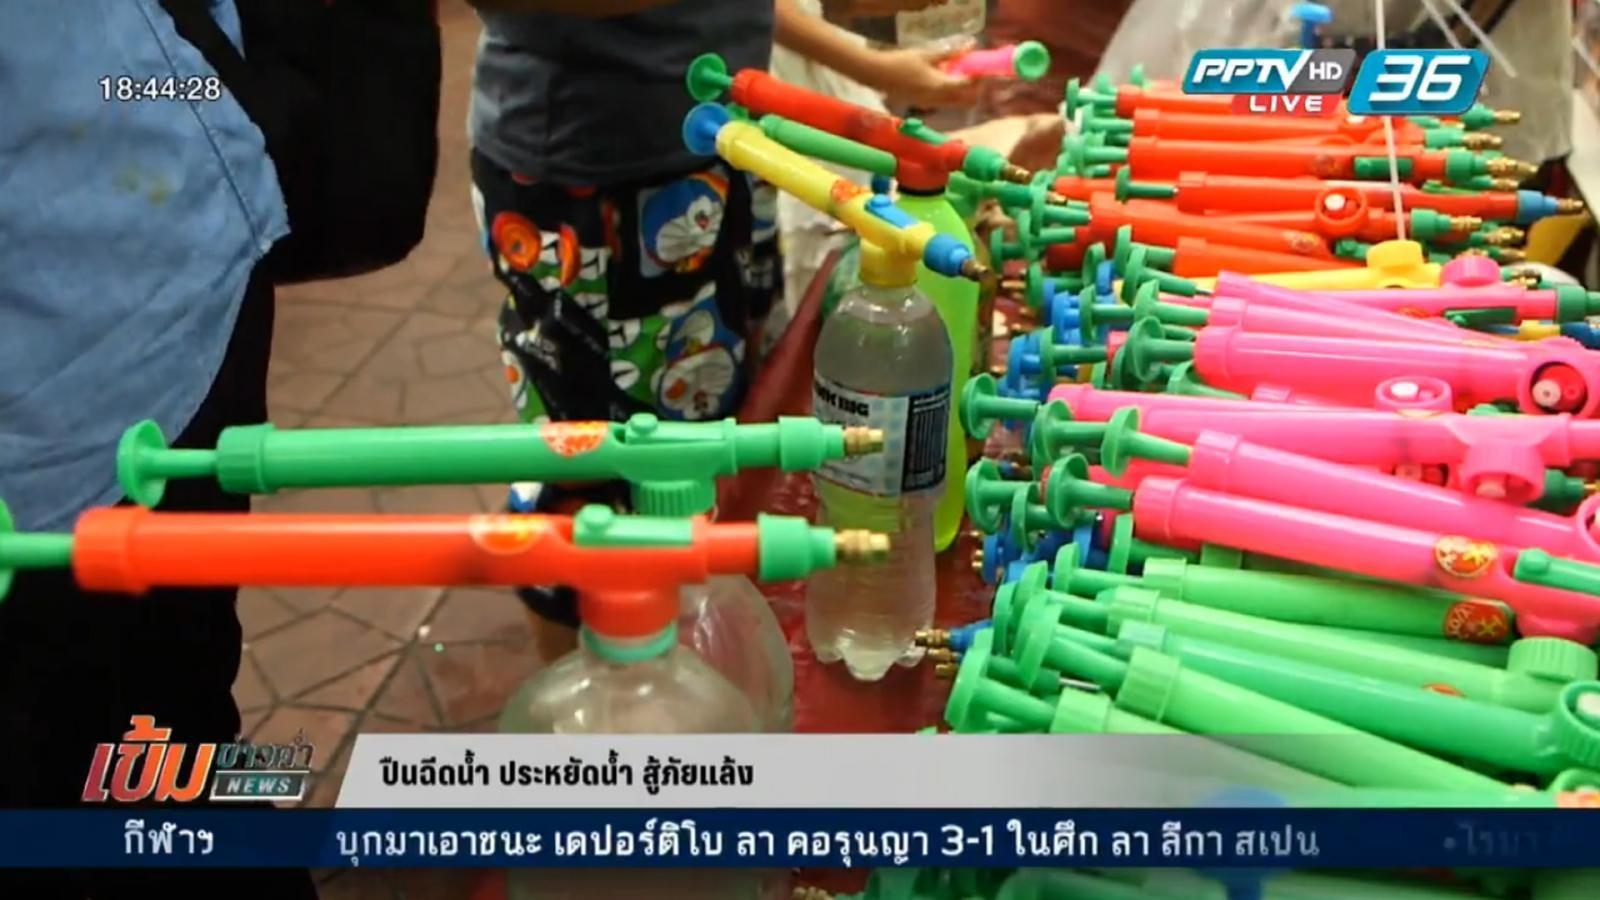 ปืนฉีดน้ำ ประหยัดน้ำ สู้ภัยแล้ง